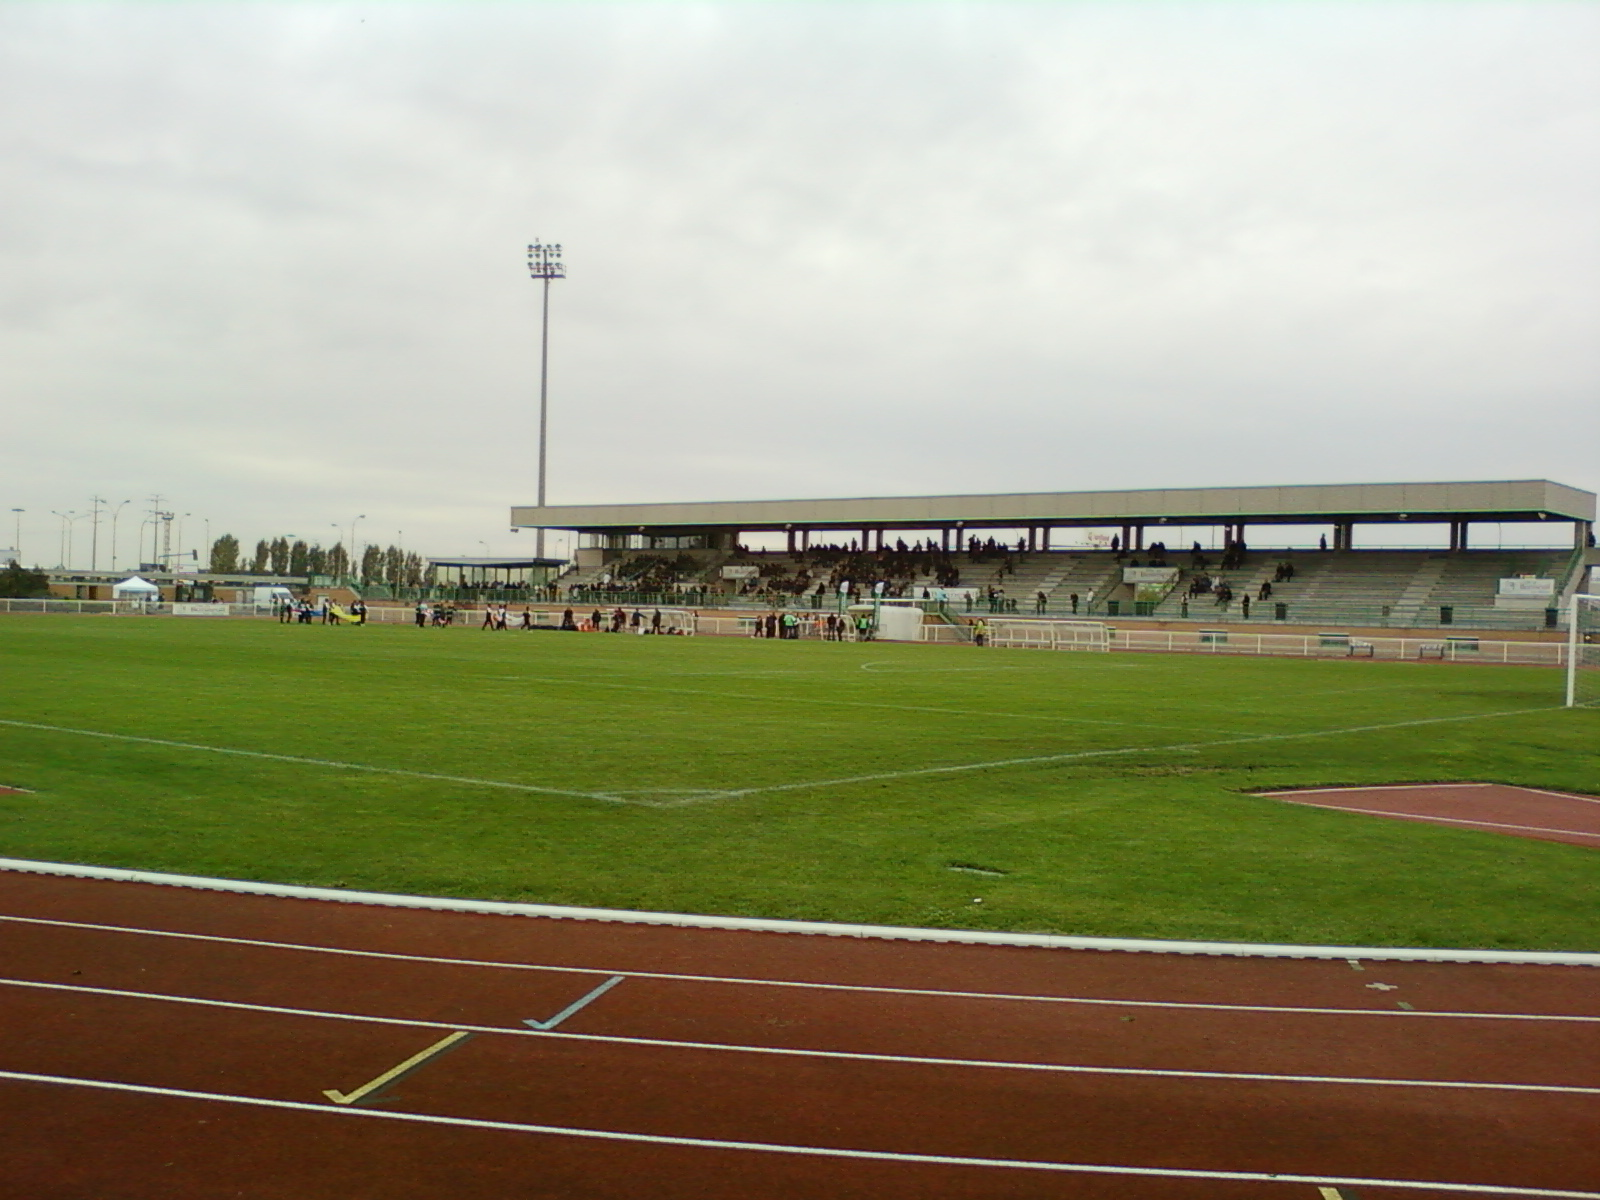 Le stade Léo Lagrange a aussi accueilli les Bleues en 2003 face à l'Islande (photo DR)